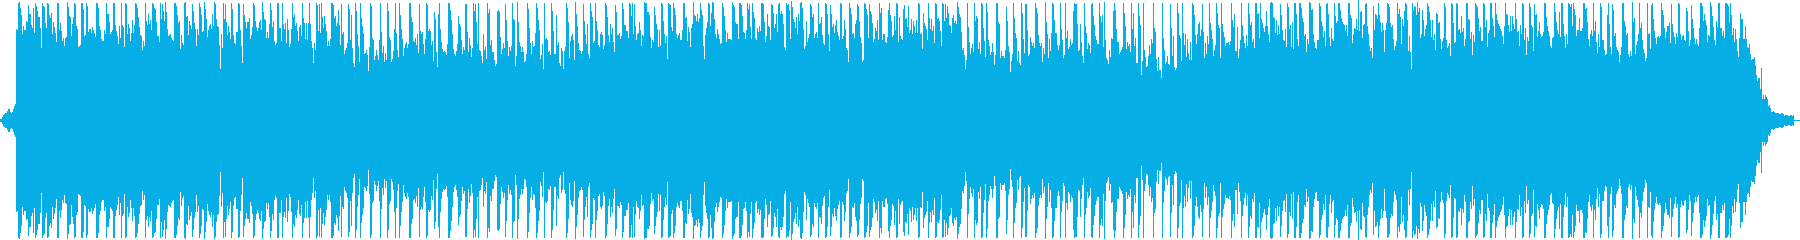 ロックインストゥルメンタル。高騰、...の再生済みの波形